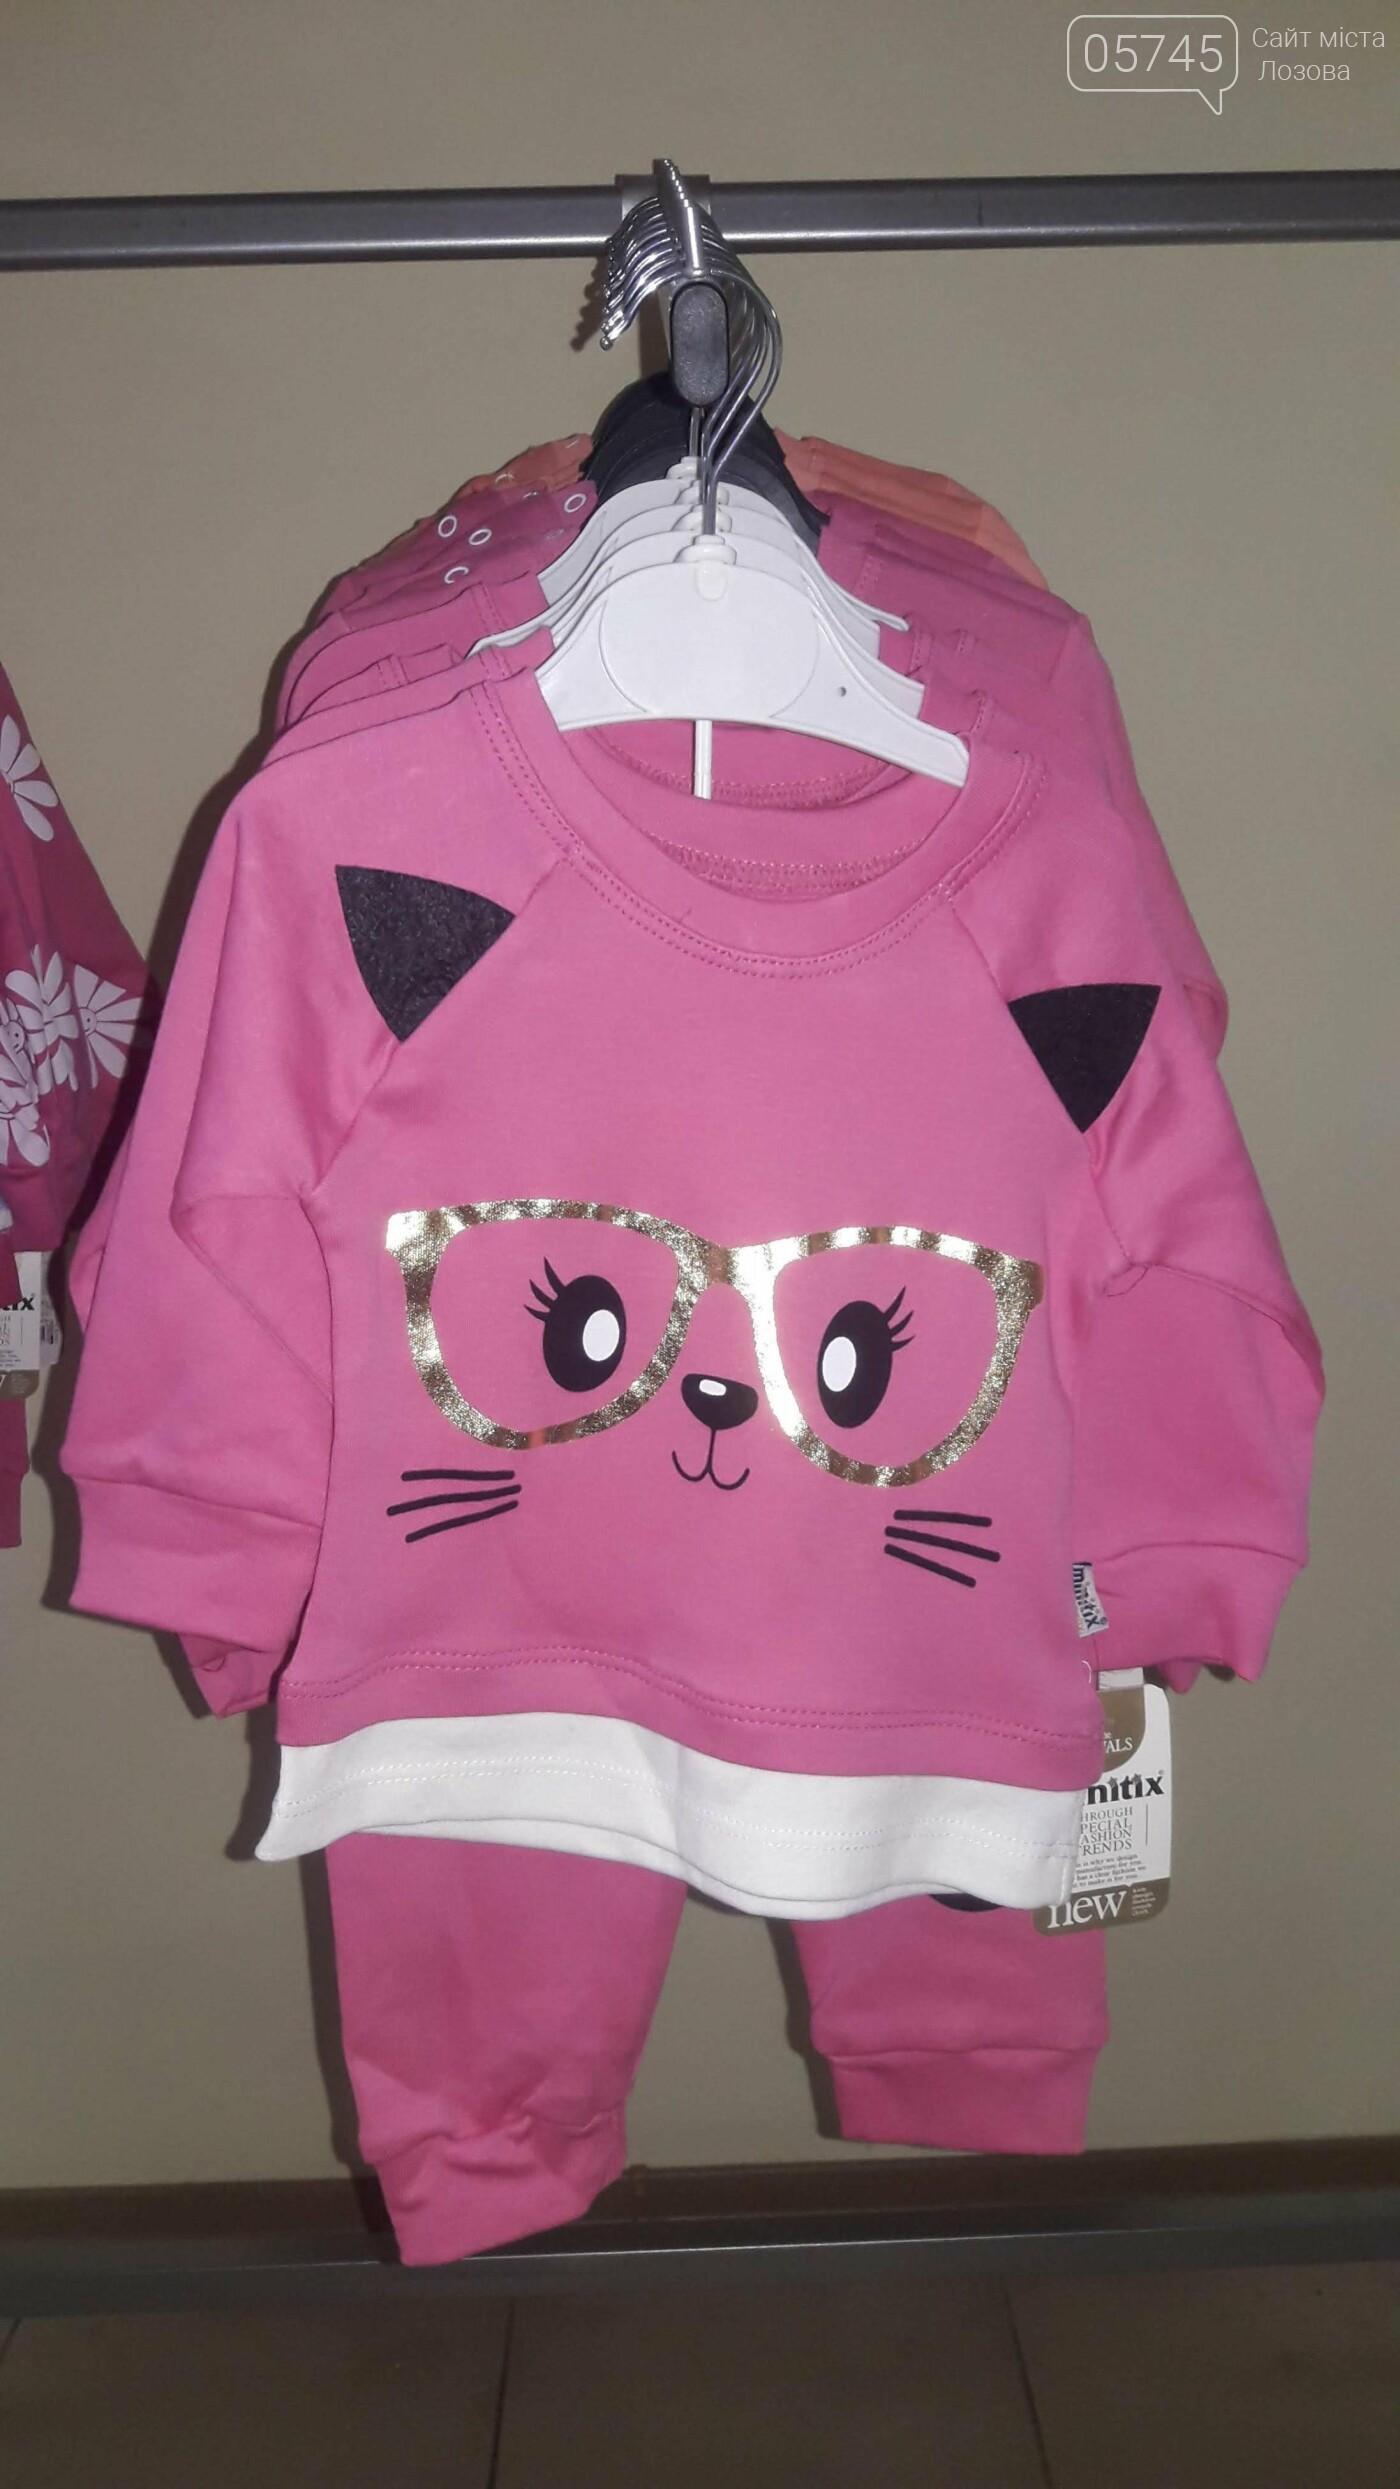 Стильний одяг для дітей і косметика для дорослих: у Лозовій відкрився магазин «V-Baby», фото-16